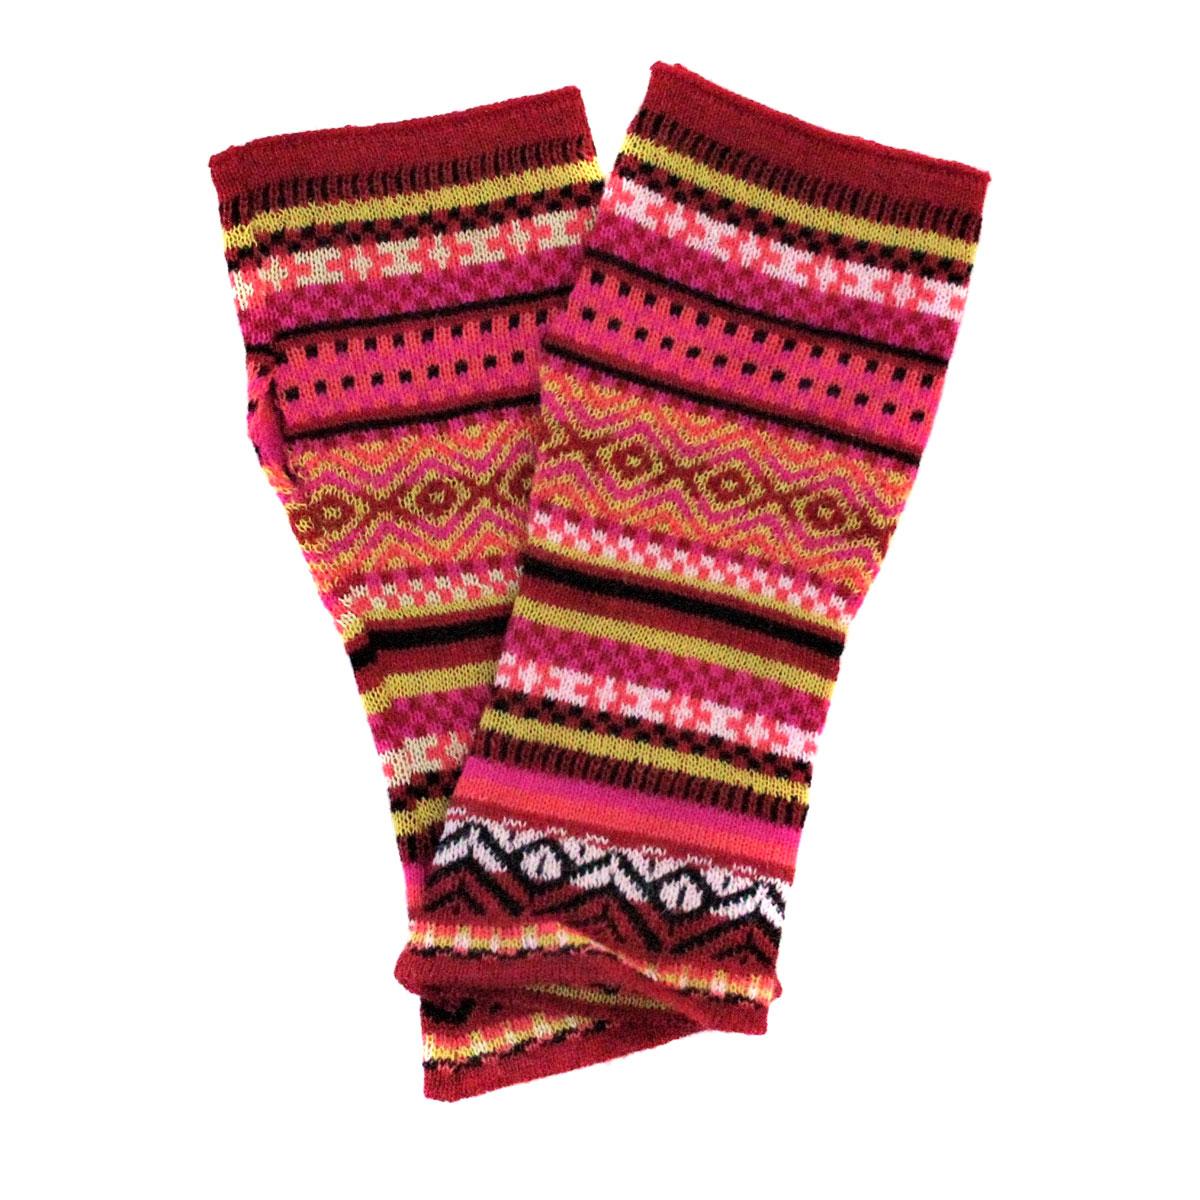 Inka-Products-Mitaines Longues-Colorées Motifs Ethniques-2